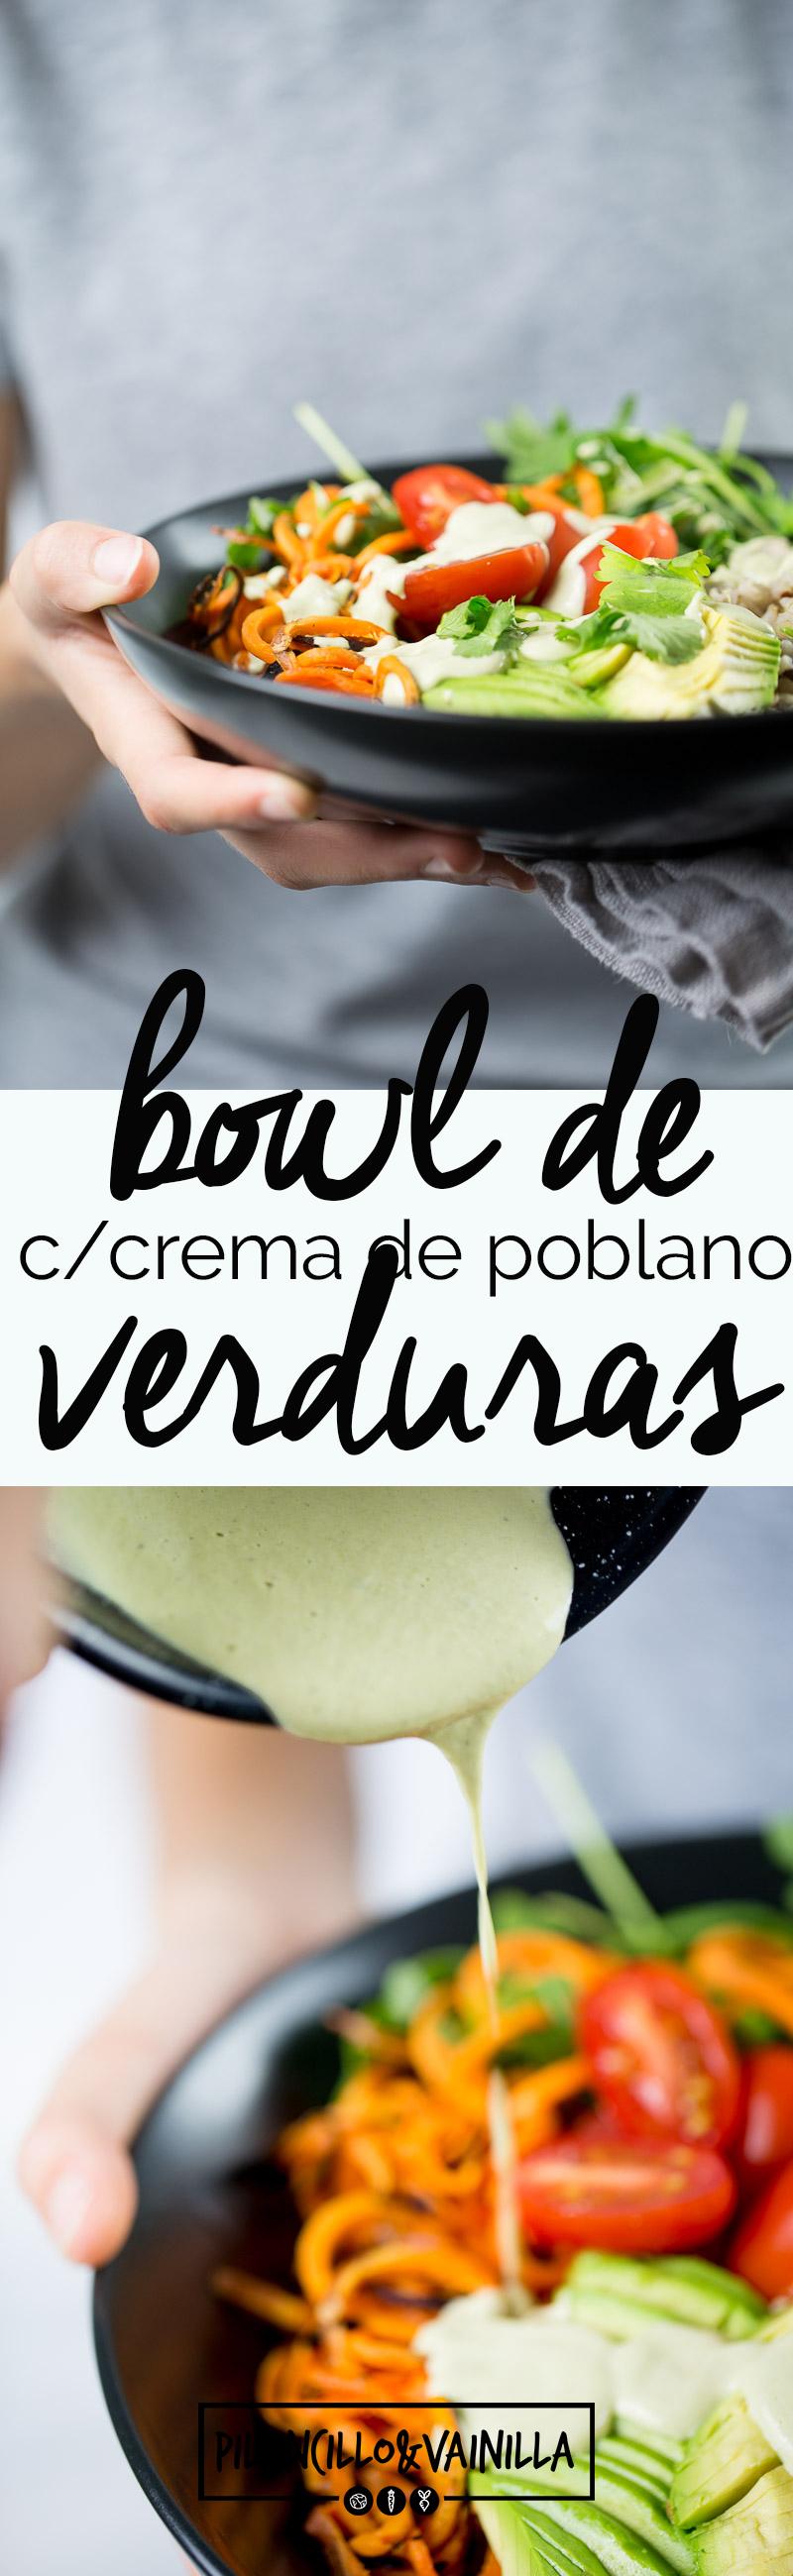 Bowl de verduras y arroz con crema de chile poblano vegana es de platillos que puedes hacer en un ratito, el chiste es poner en un bowl todas las verduras que te gusten, arroz y si quieres frijoles y terminas con la cremita deliciosa. #vegan, #veganmexican